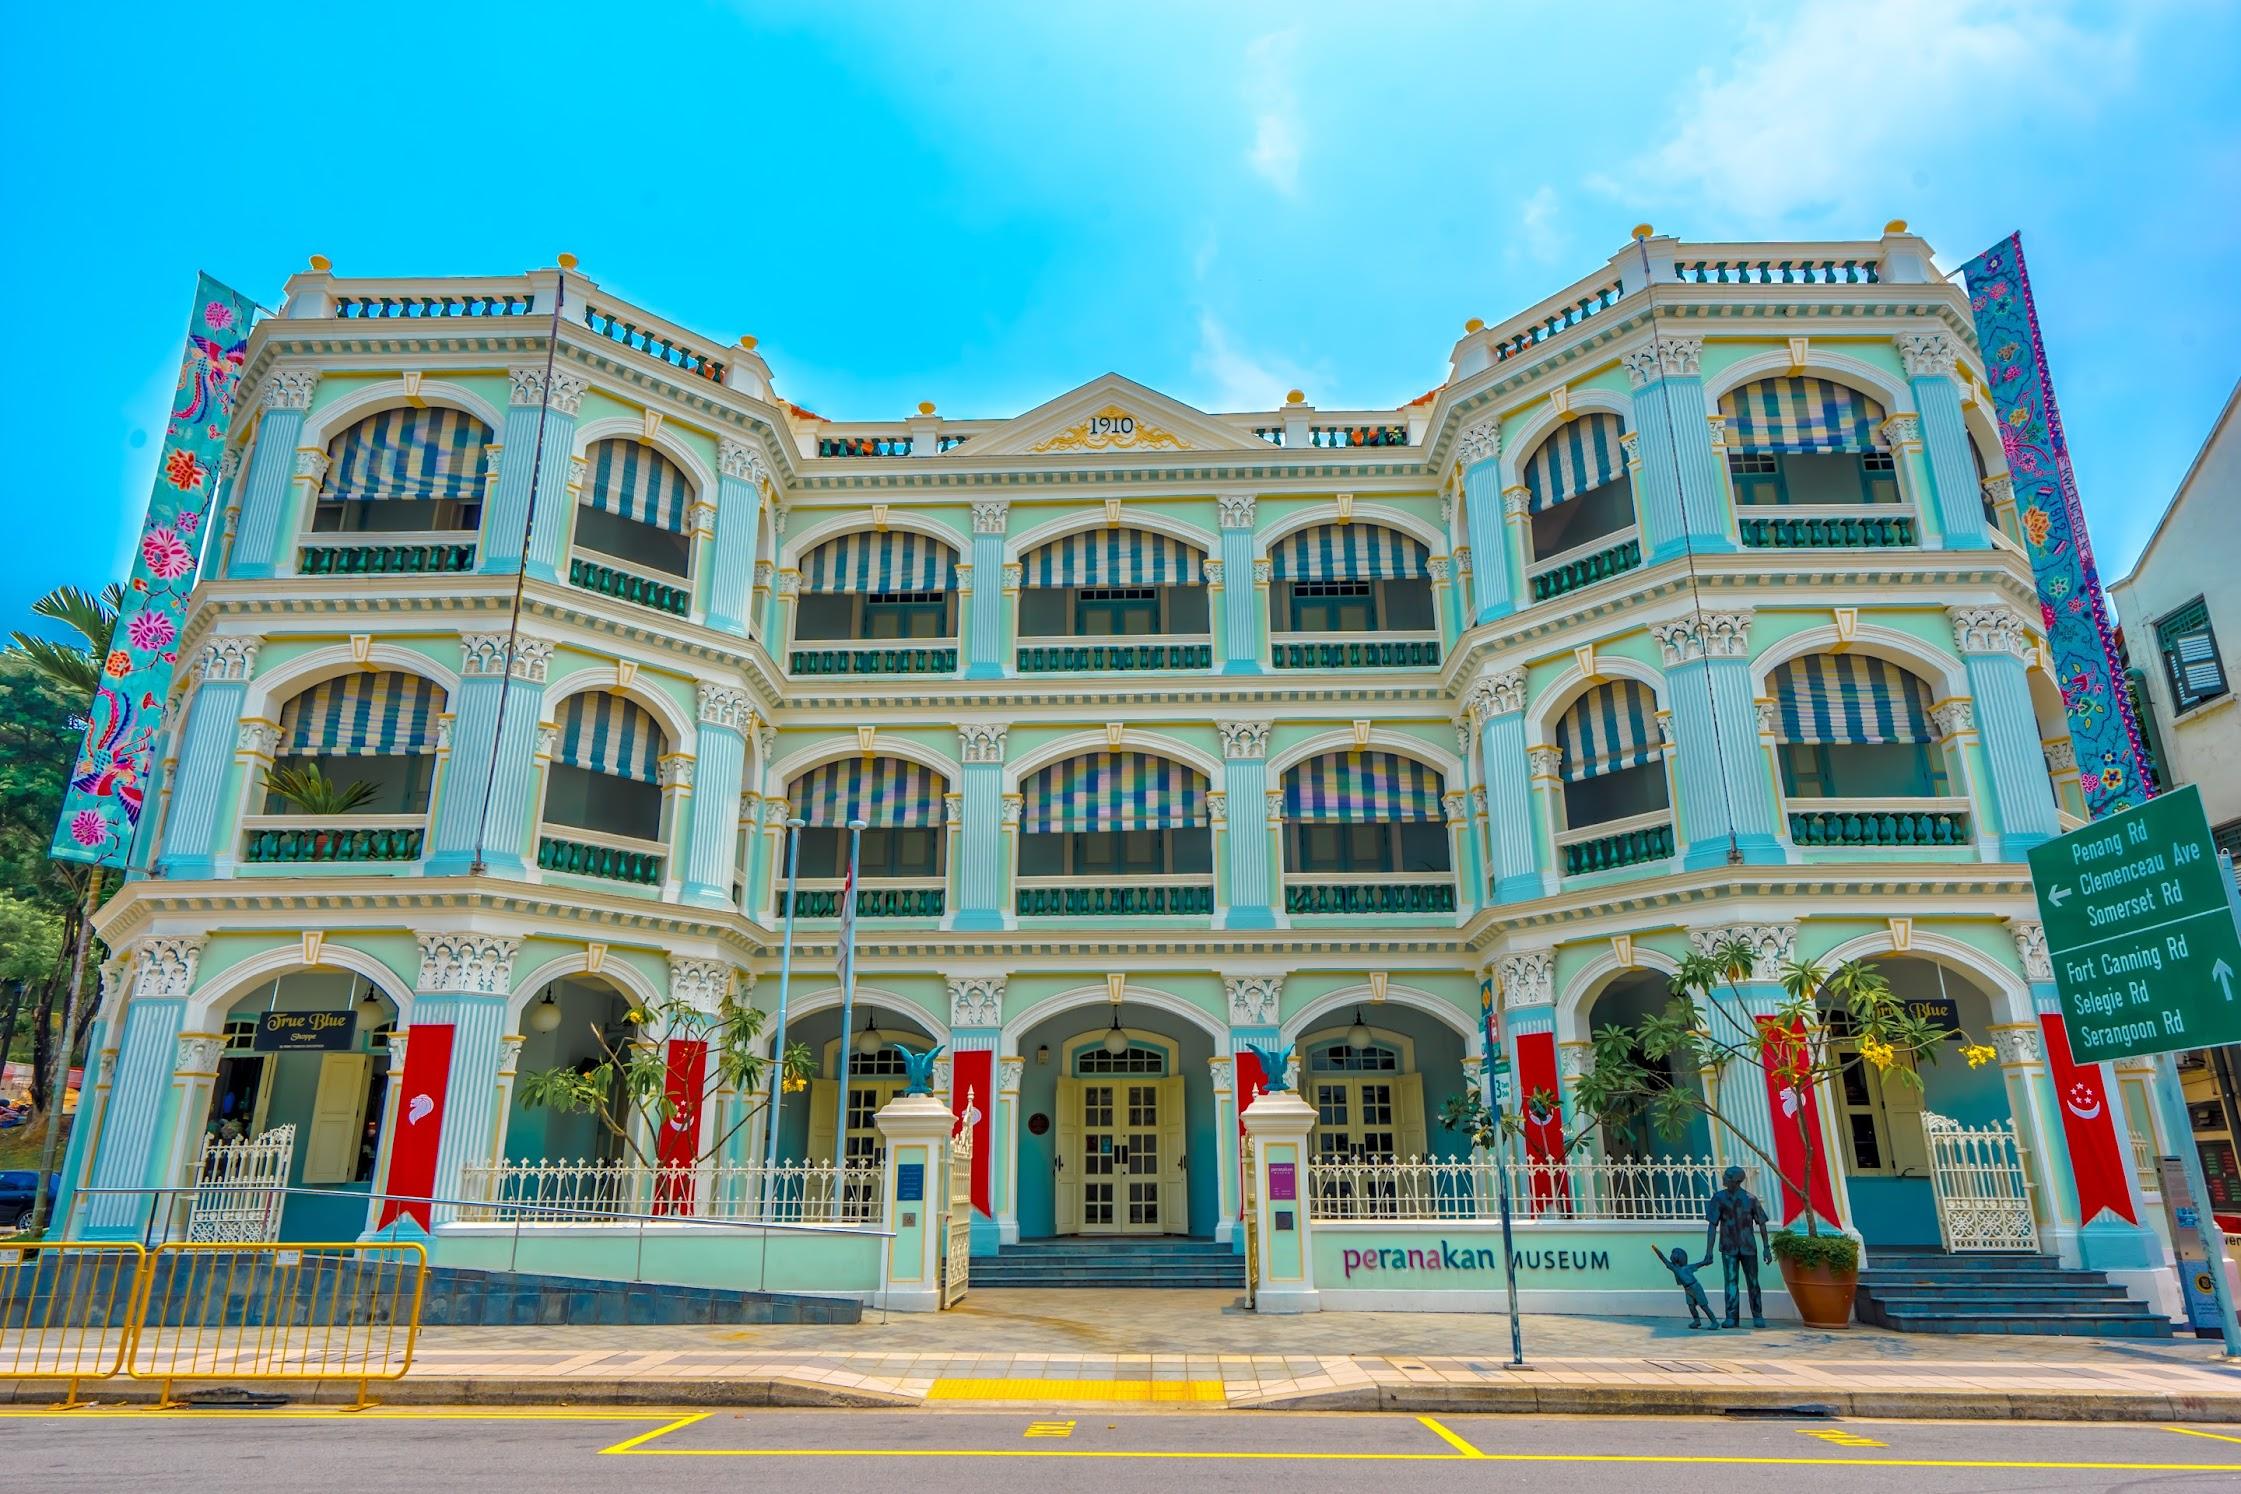 シンガポール プラナカン博物館1